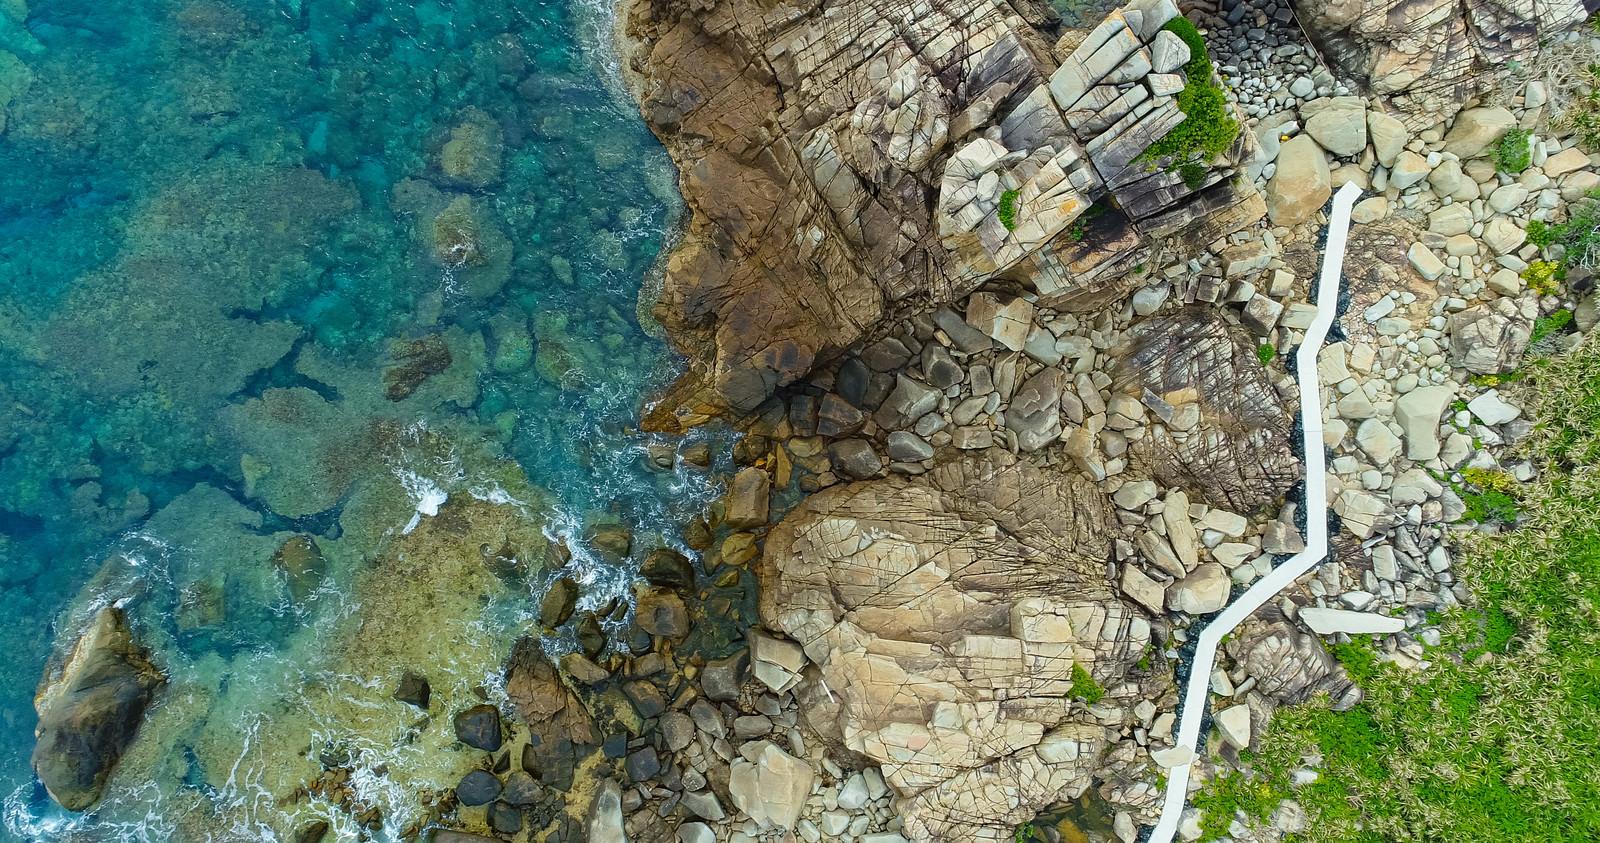 「徳之島ムシロ瀬上空からの撮影」の写真